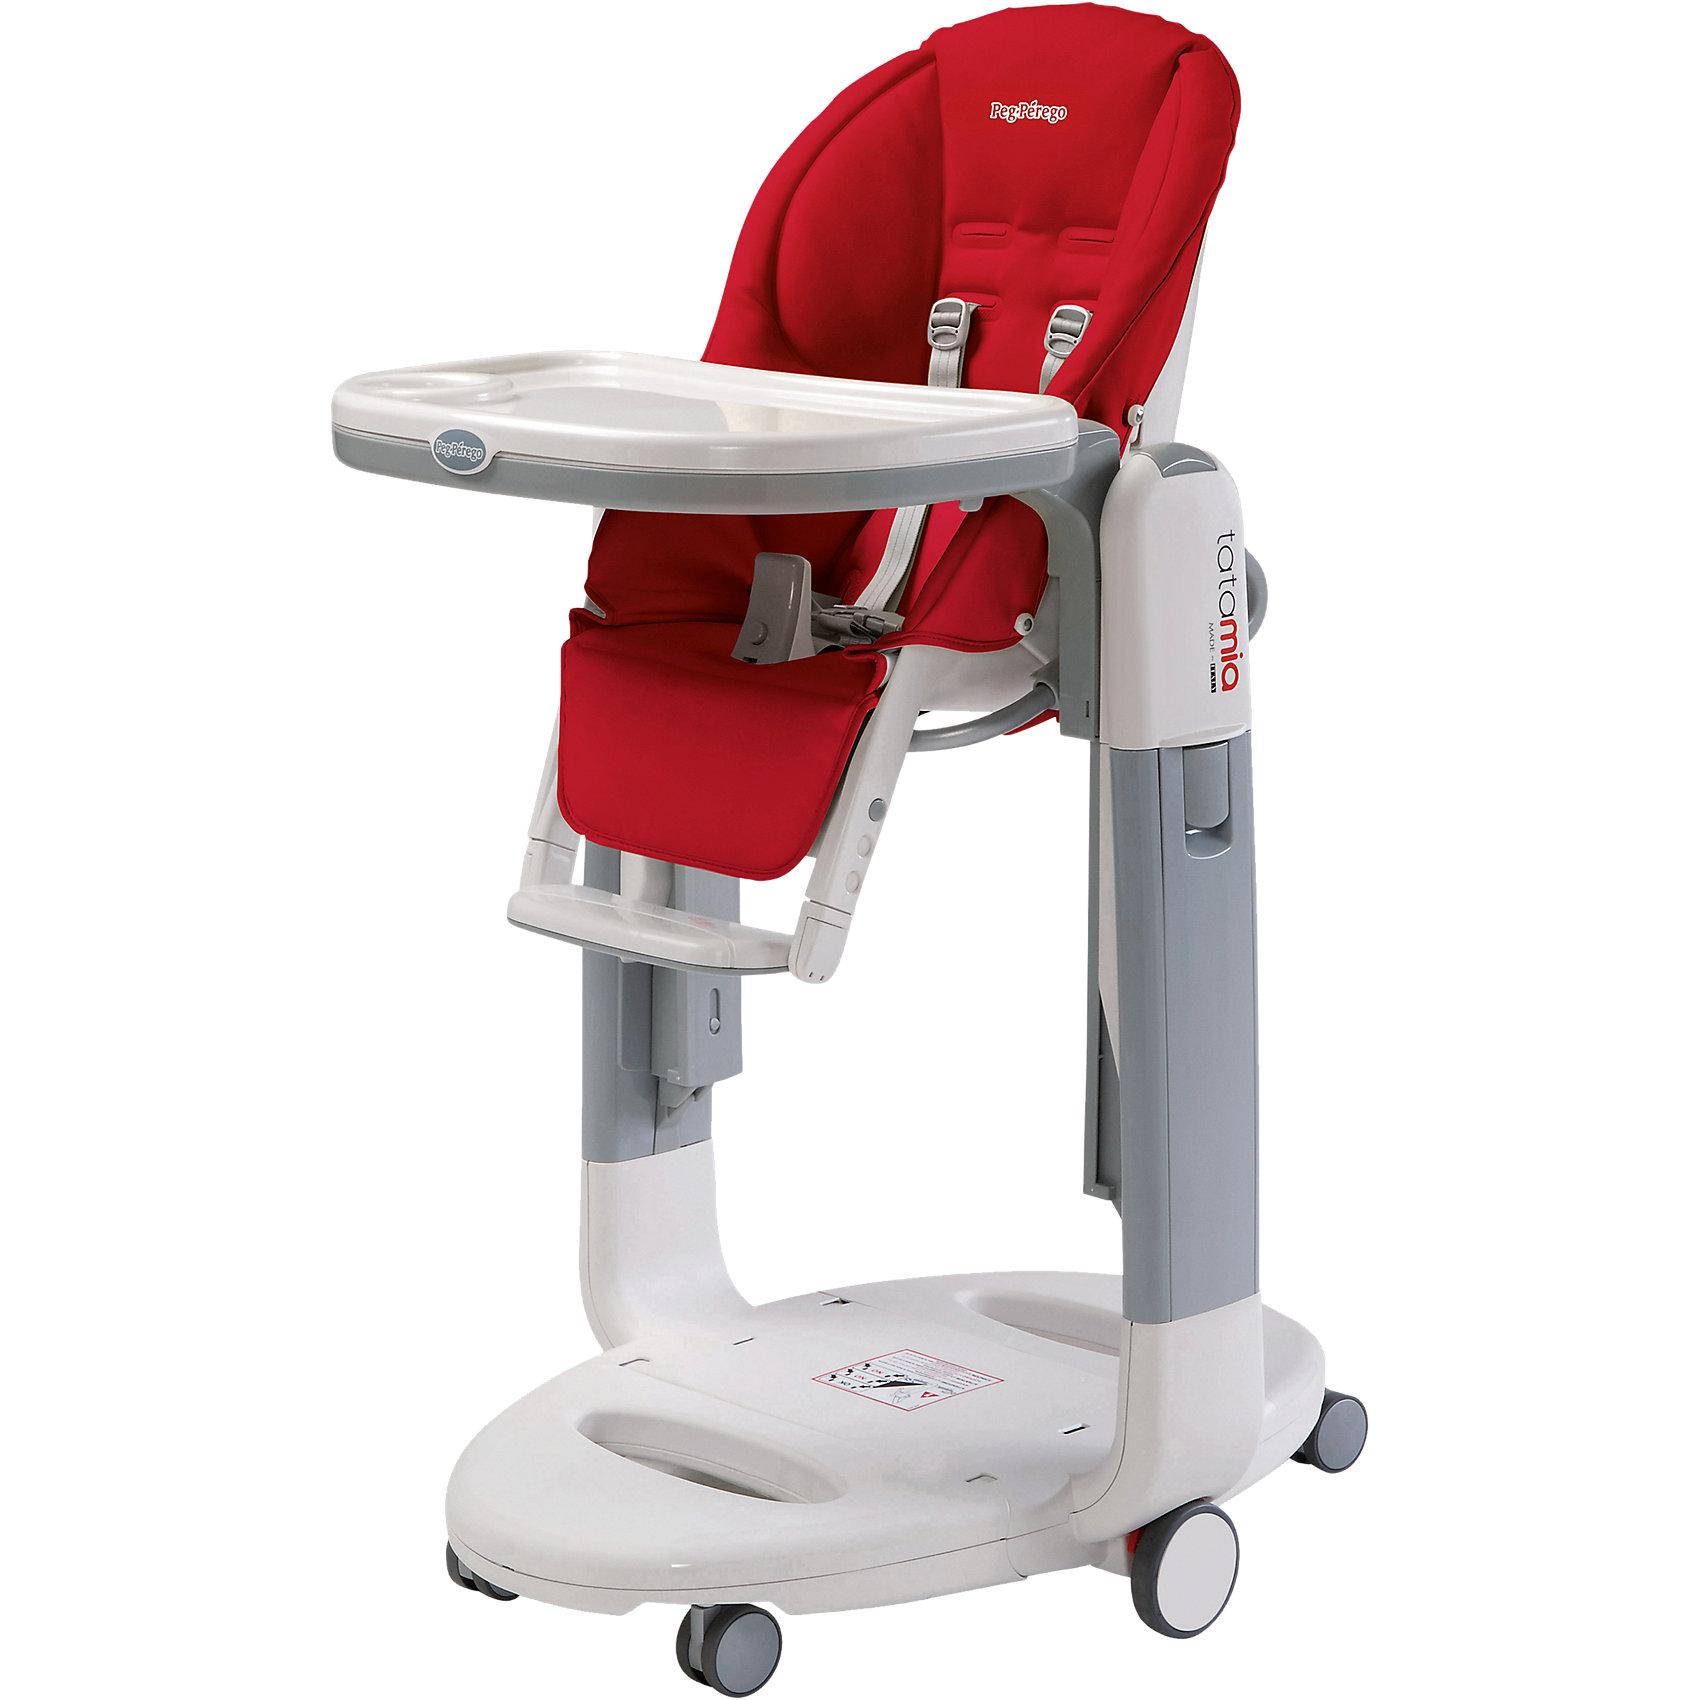 Стульчик для кормления Tatamia, Peg-Perego, Fragolaот рождения<br>Удобный и функциональный стульчик Tatamia, Peg-Perego, обеспечит комфорт и безопасность Вашего малыша во время кормления. Спинка сиденья легко регулируется в 4 положениях, что позволяет использовать стульчик как для кормления так и для игр и отдыха. Широкое и<br>эргономичное мягкое сиденье будет удобно как малышу, так и ребенку постарше. Стульчик оснащен регулируемыми 5- точечными ремнями безопасности, а съемная планка-разделитель для ножек под столиком не даст малышу соскользнуть. Высота стула регулируется в 9<br>положениях, выбрав самое низкое положение и убрав столик, Вы легко трансформируете стул для кормления в низкий безопасный детский стульчик, куда ребенок может садиться сам. Подножка регулируется в 3 позициях, позволяя выбрать оптимальное для ребенка положение.<br>Благодаря особой конструкции стульчик можно использовать как механические качели, опустив сиденье на нижнюю высоту.<br><br>Широкий съемный столик оснащен подносом с отделениями для кружки или стакана, поднос можно снять для быстрой чистки и использовать основную поверхность для игр и занятий. Для детей постарше стул можно использовать без столика для кормления, придвинув его к столу<br>для взрослых. При нажатии боковых кнопок стульчик легко перемещается по квартире с помощью 6 колесиков, имеются фиксаторы. Чехол из эко-кожи легко снимается для чистки или стирки. Стульчик легко и компактно складывается и не занимает много места при хранении.<br>Подходит для детей в возрасте от 0 месяцев до 3 лет.<br><br><br>Дополнительная информация:<br><br>- Цвет: красный.<br>- Материал: пластик, эко-кожа. <br>- Размер в разложенном состоянии: 87 x 59 x 107 см. <br>- Размер в сложенном состоянии: 35 х 94,5 см. <br>- Вес: 14 кг.<br><br>Стульчик для кормления Tatamia, цвет Fragola красный, Peg-Perego, можно купить в нашем интернет-магазине.<br><br>Ширина мм: 965<br>Глубина мм: 610<br>Высота мм: 300<br>Вес г: 17250<br>Цвет: красный<br>Возраст от месяце